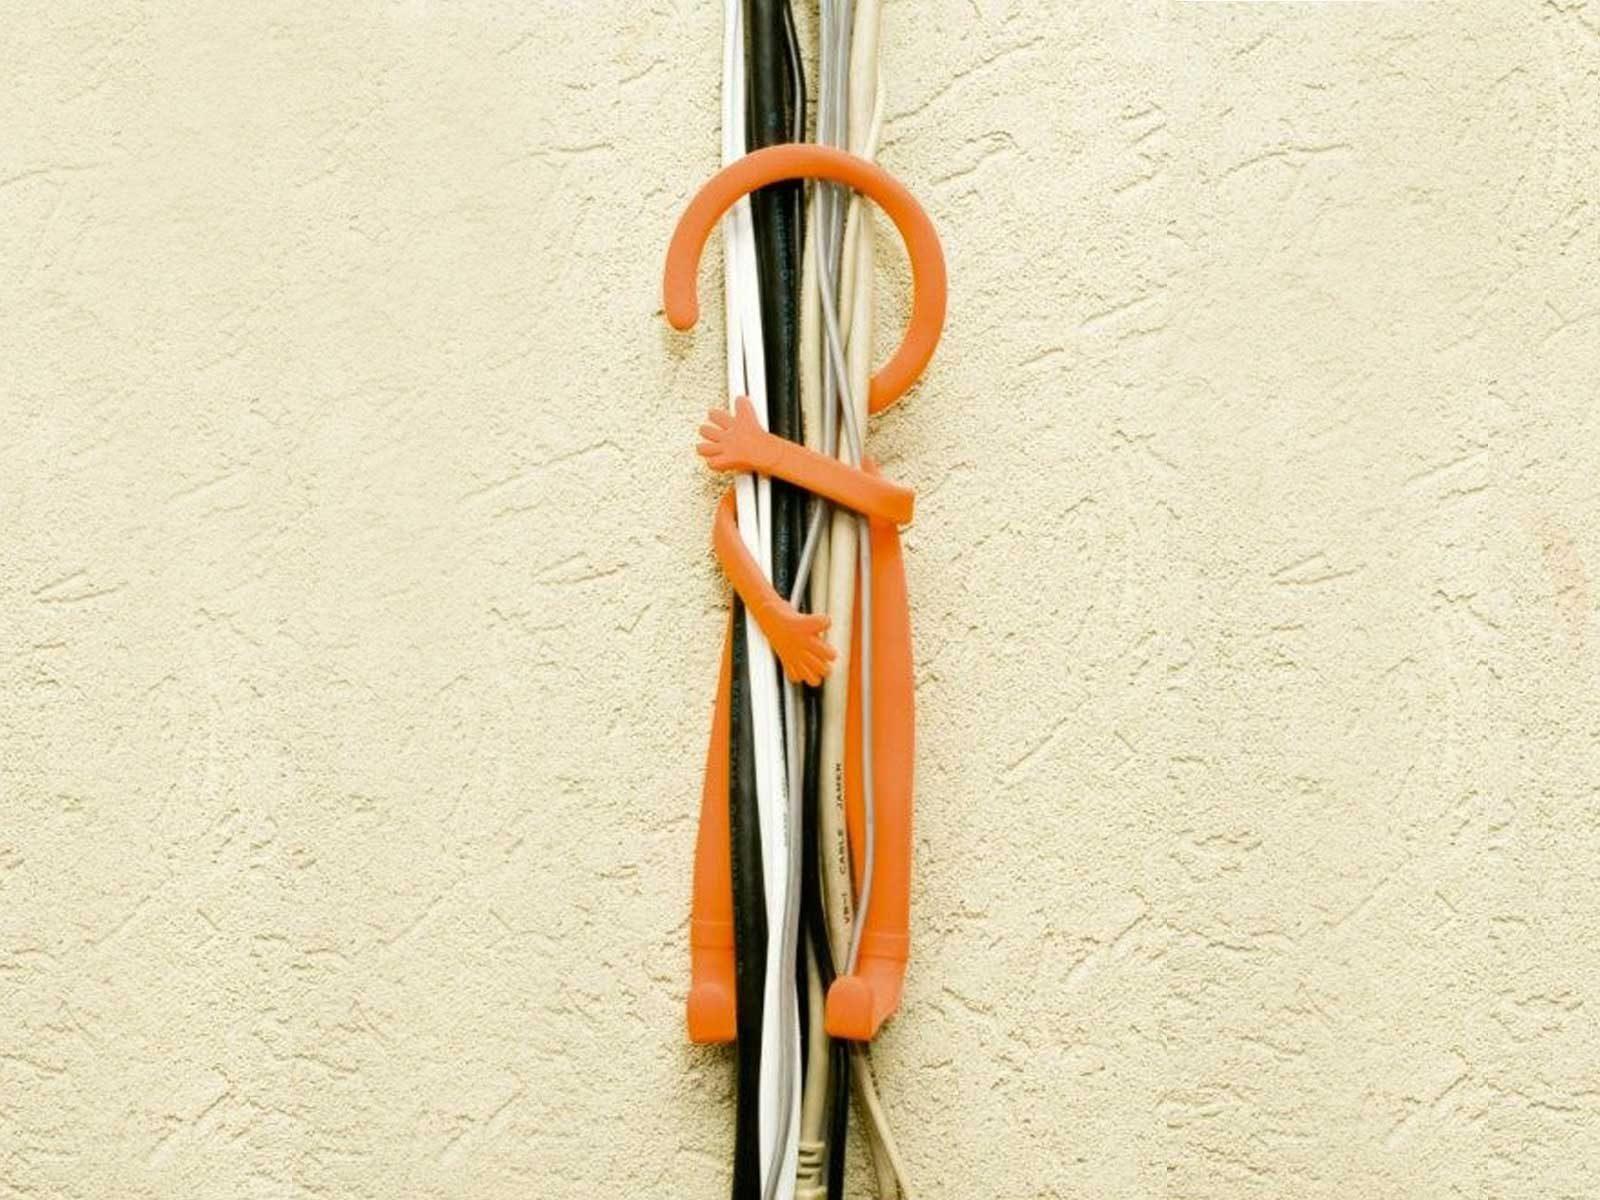 בונדי כתום חובק כבלים